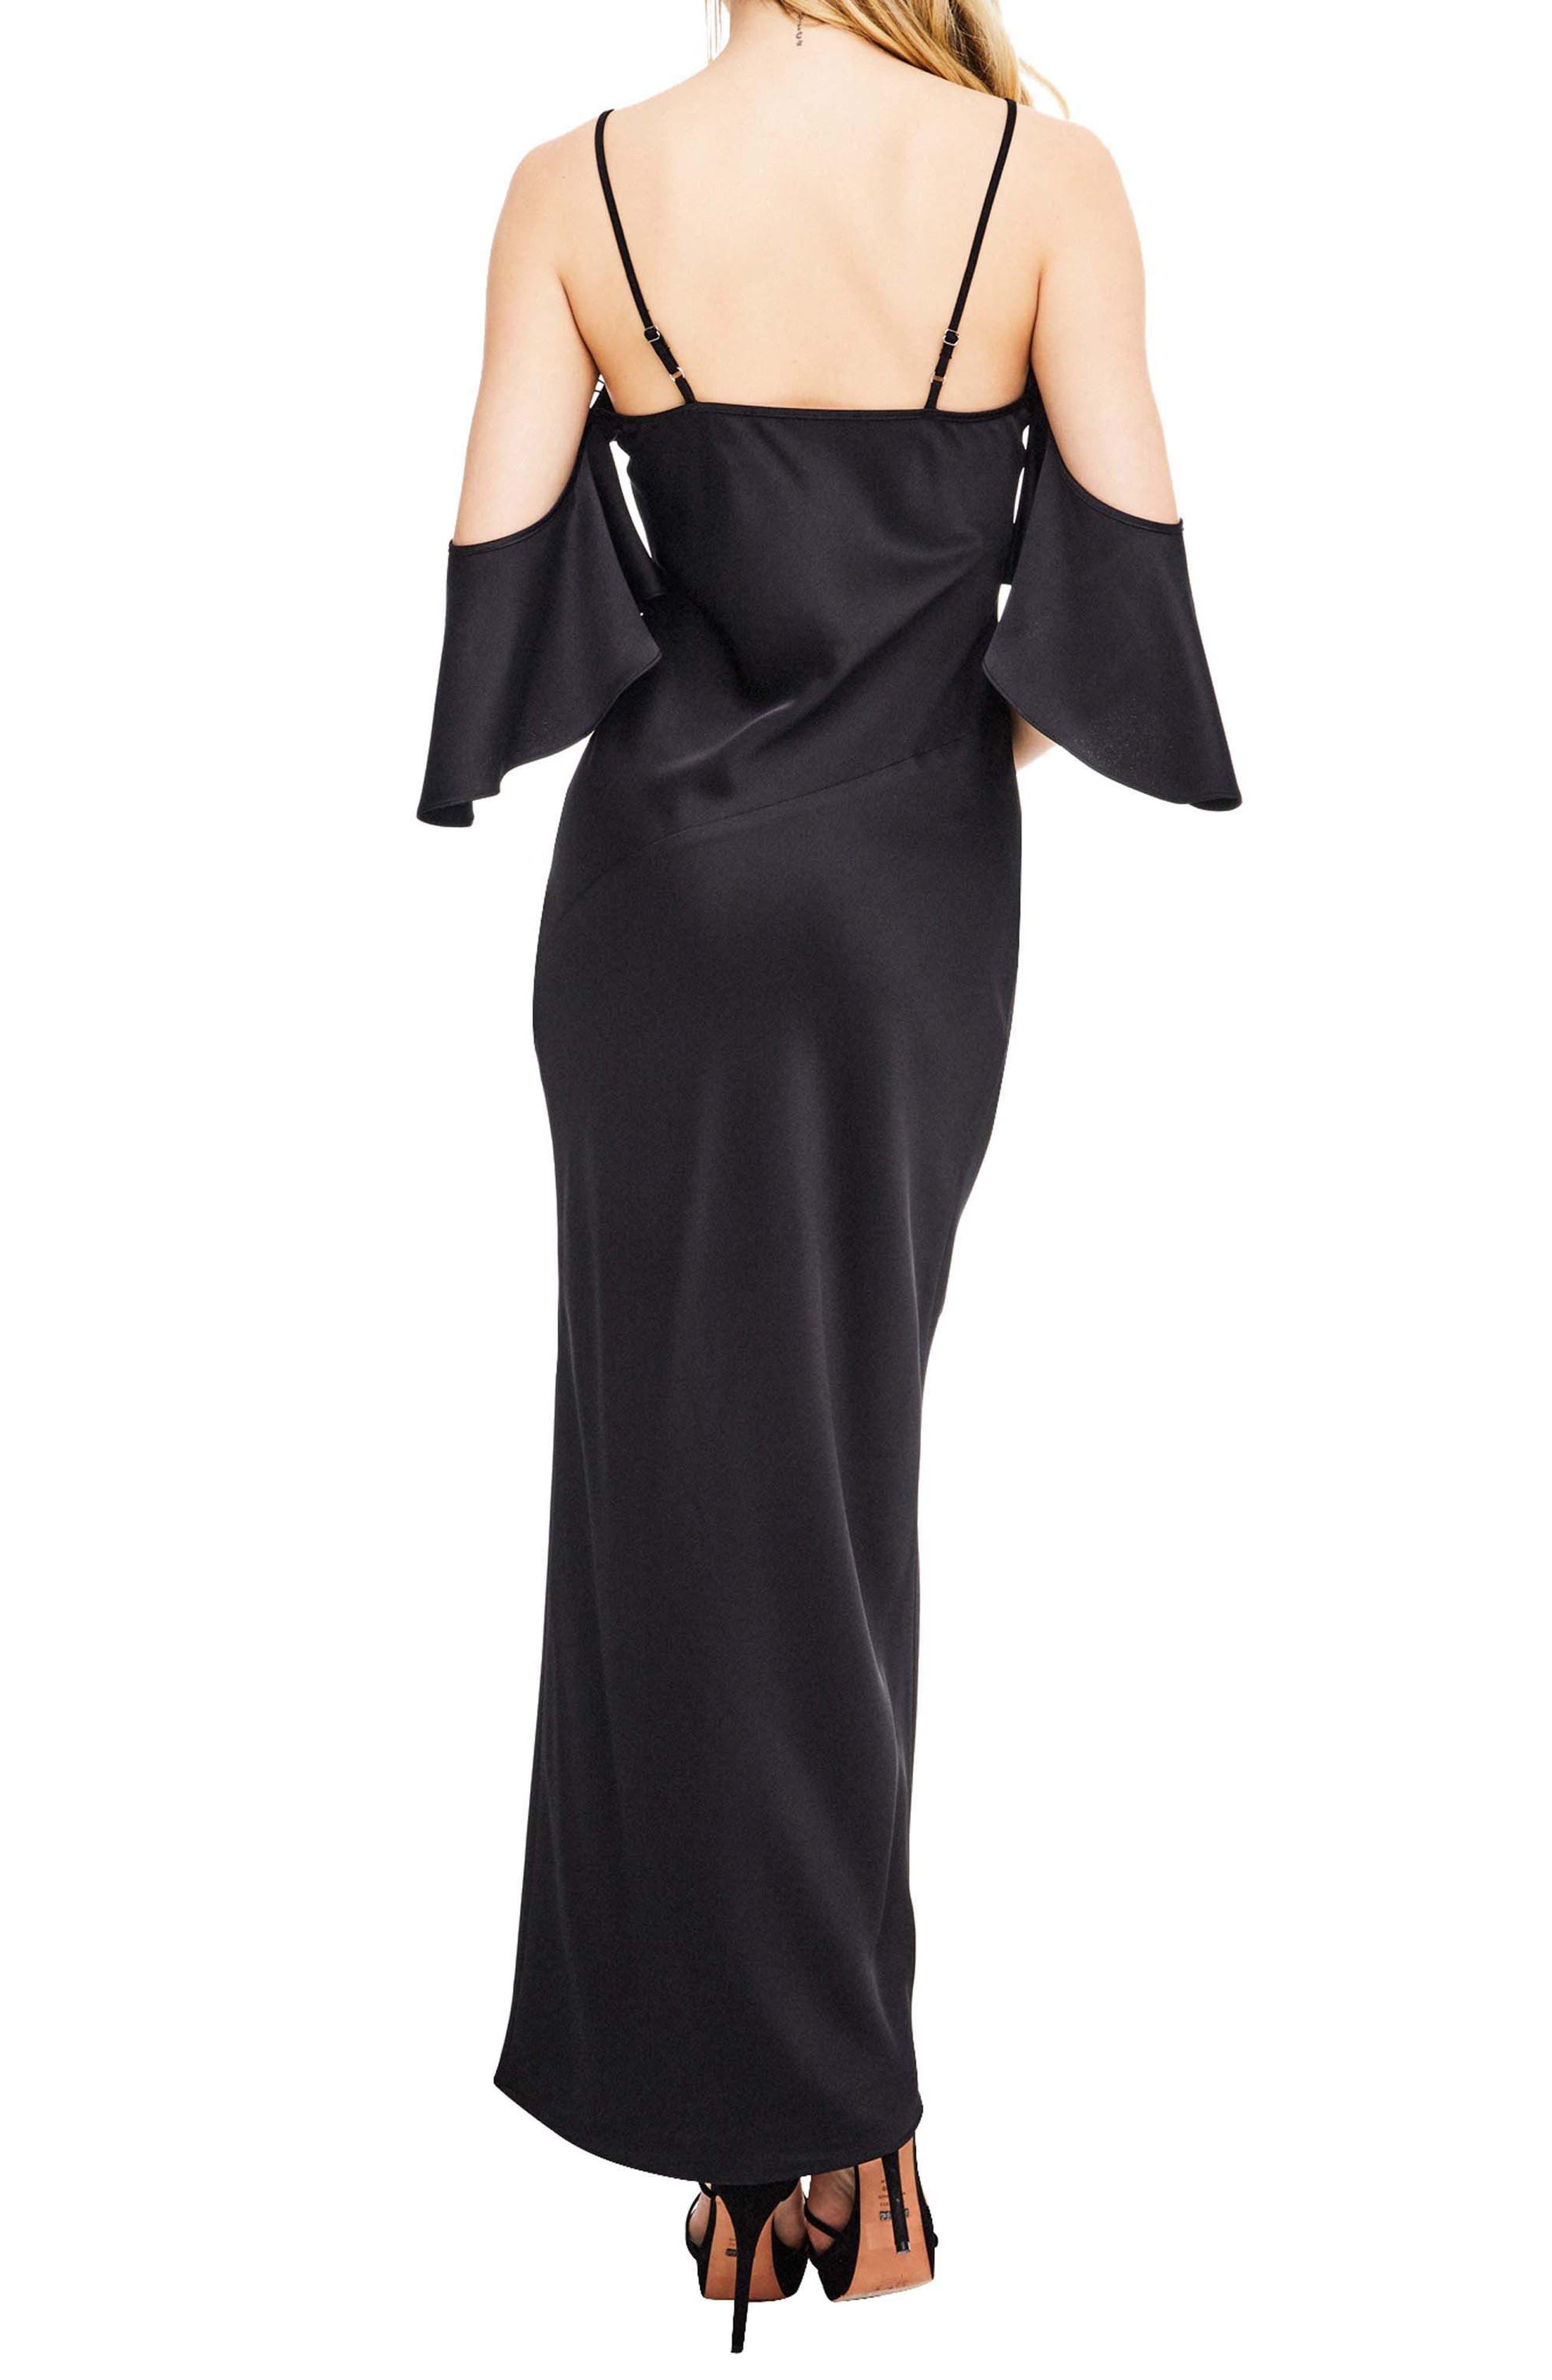 Kendra Maxi Dress,                             Alternate thumbnail 2, color,                             001